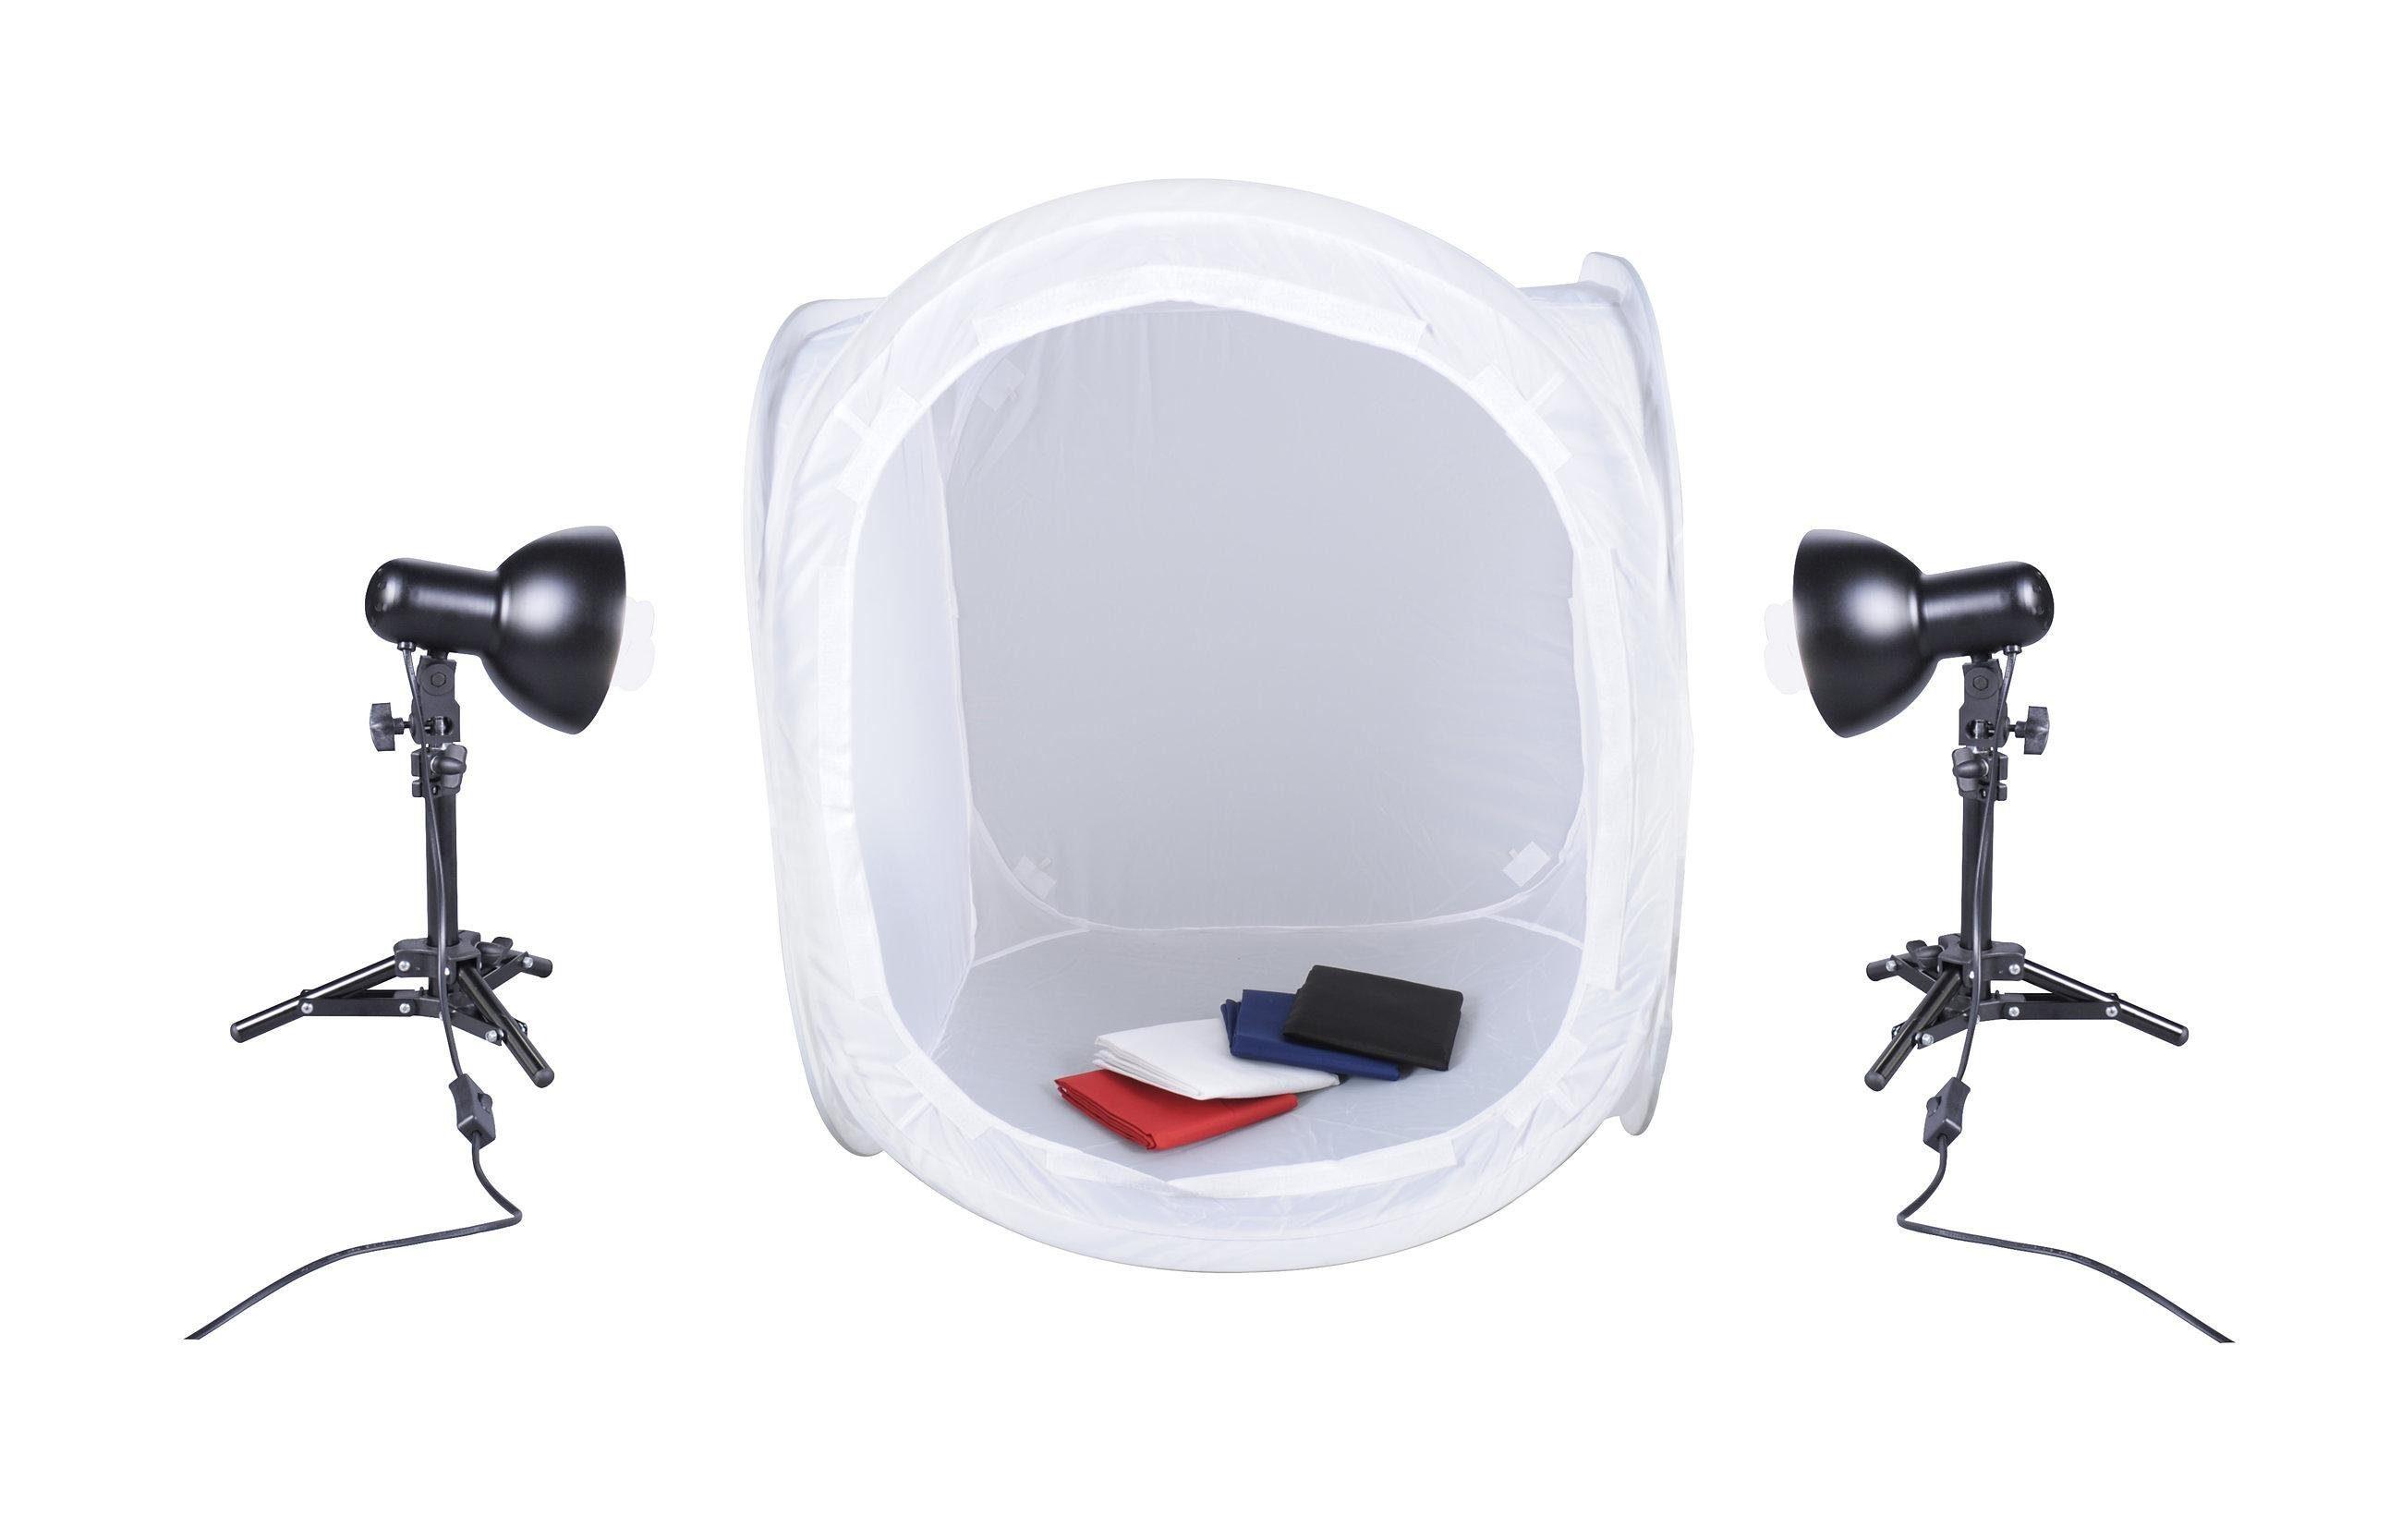 Bresser Fotostudio »BRESSER Y-05 Produktaufnahme-Set 60x60x60cm«